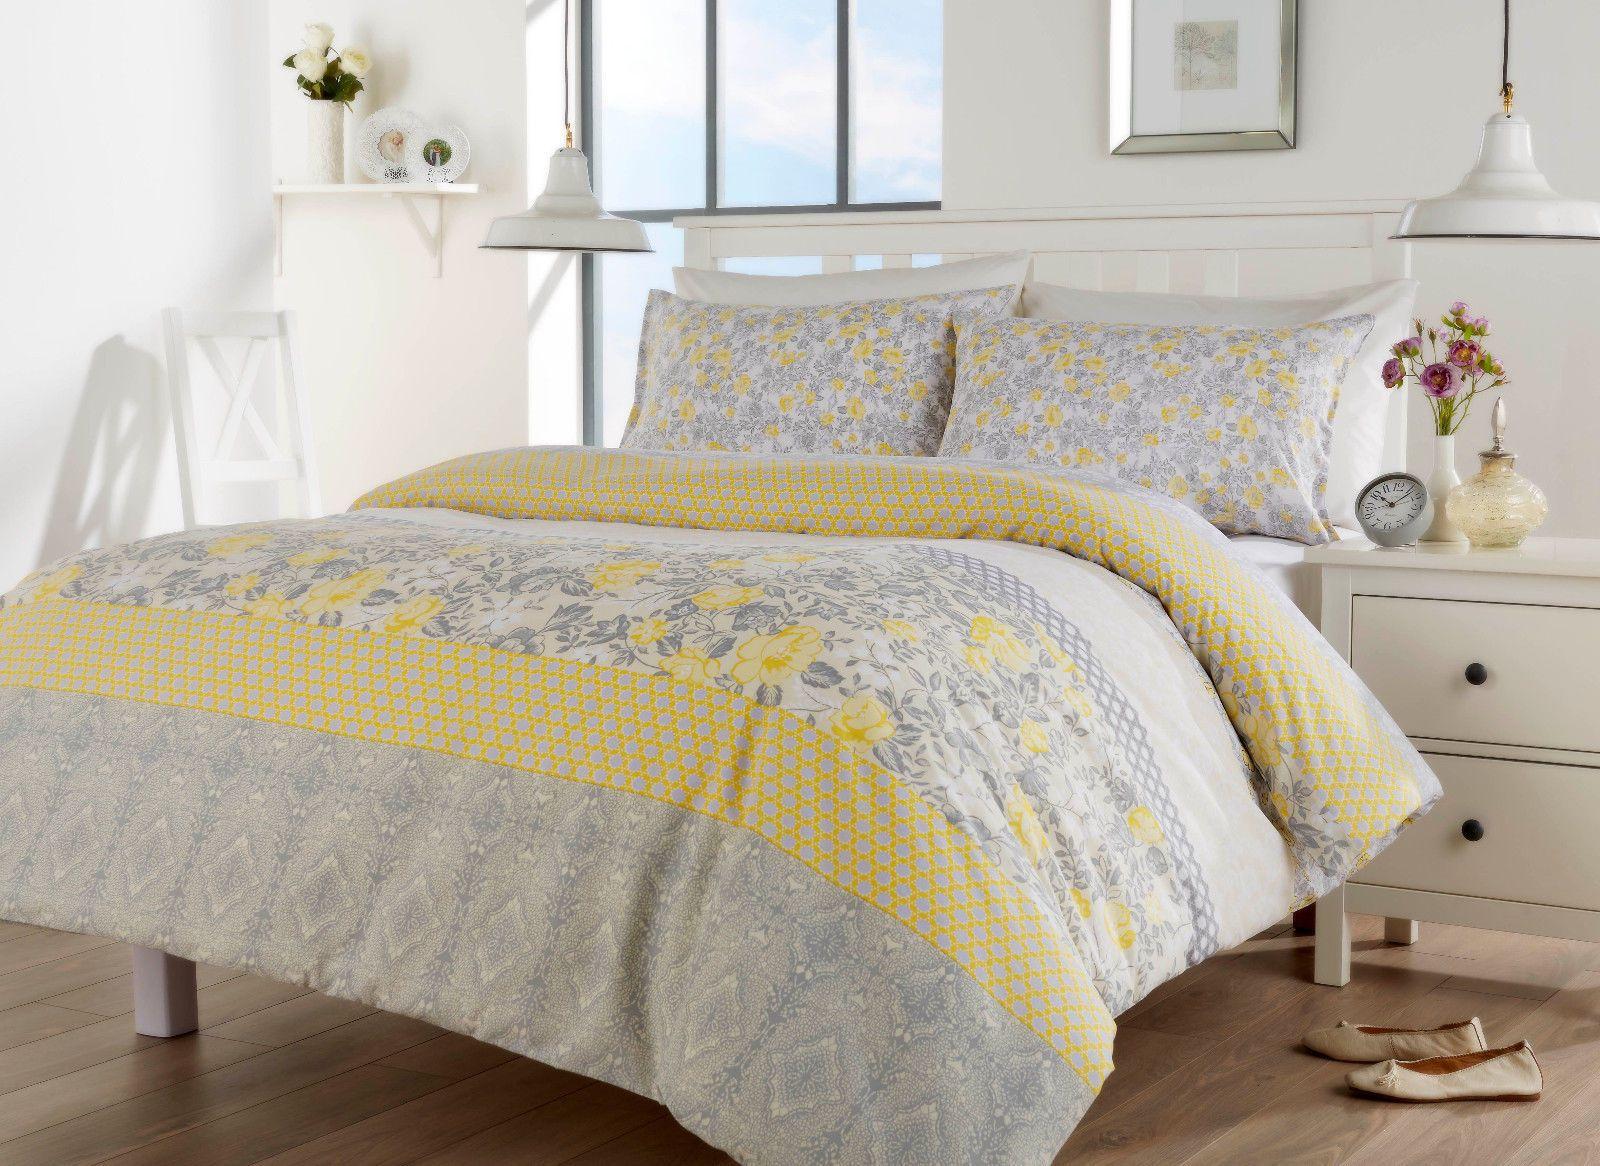 Chelsea Duvet Quilt Bedding Set Bedding Sets Uk Online Bedding